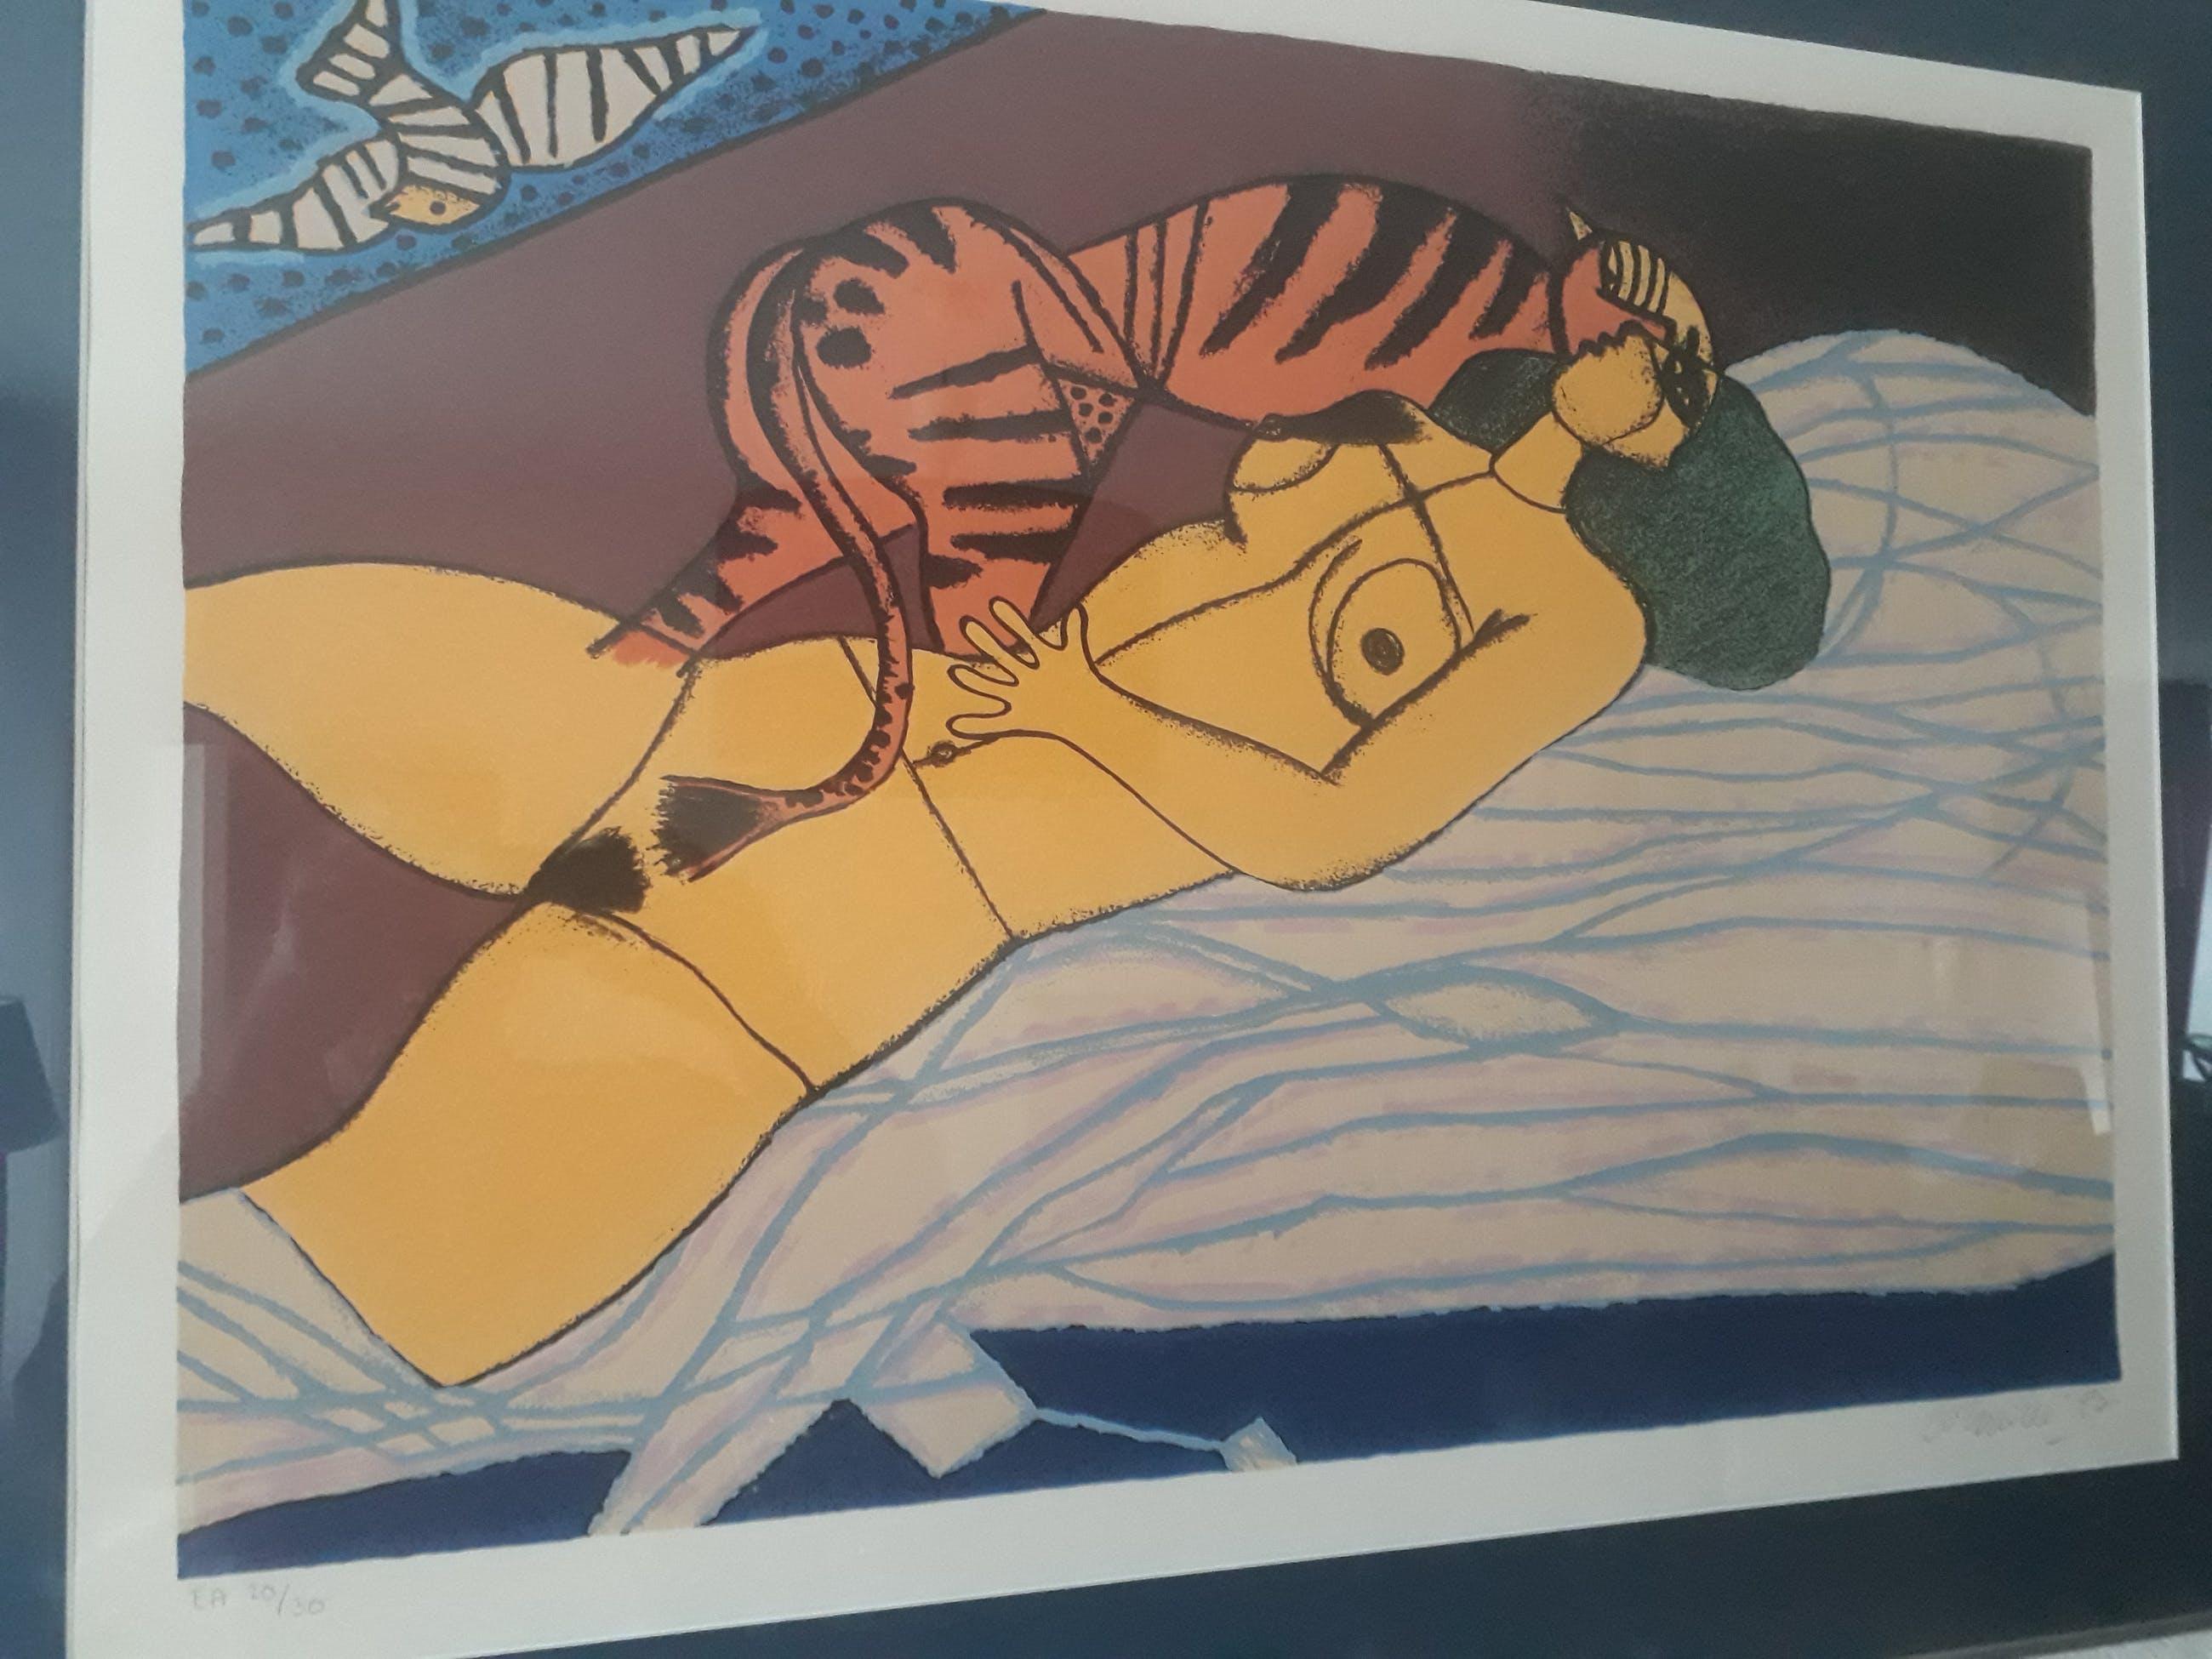 Corneille - Femme Jaune et tigre kopen? Bied vanaf 265!